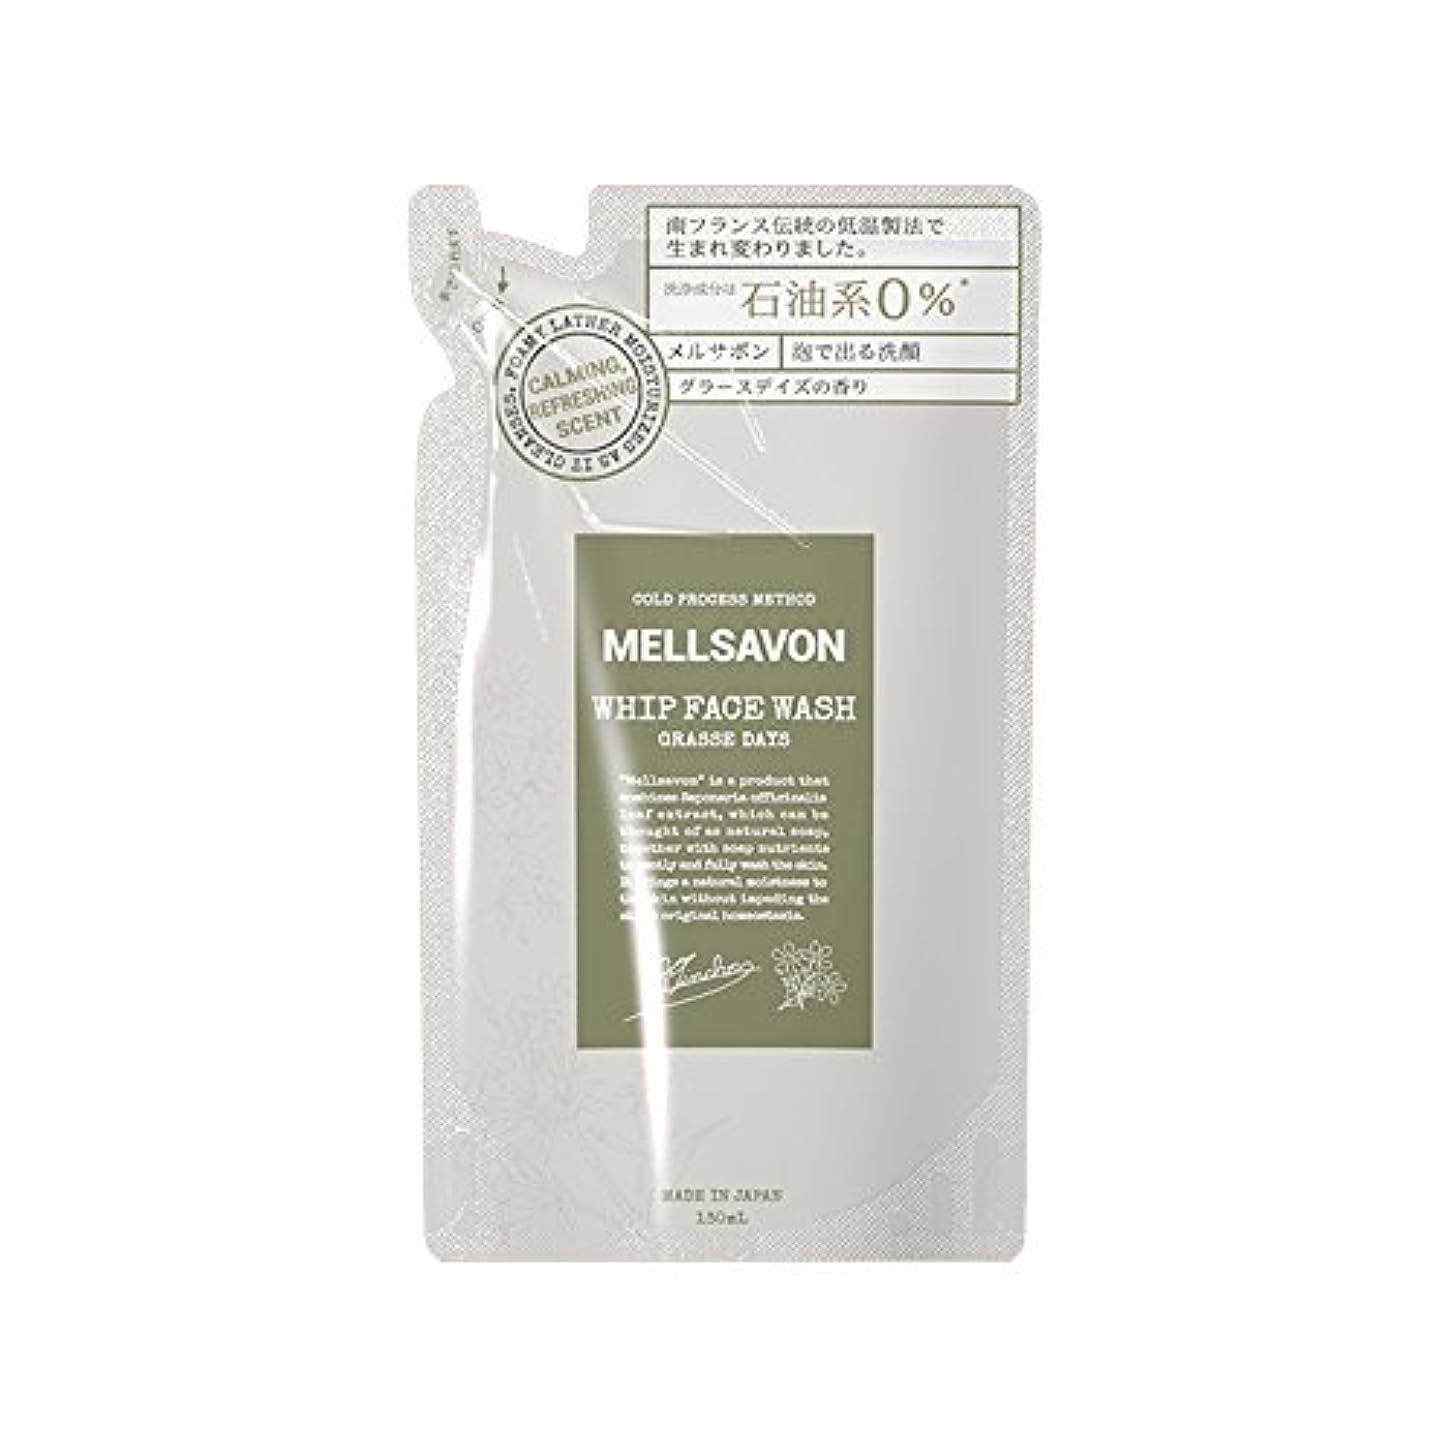 相続人ベル岸Mellsavon(メルサボン) メルサボン ホイップフェイスウォッシュ グラースデイズ 詰替 130mL 洗顔